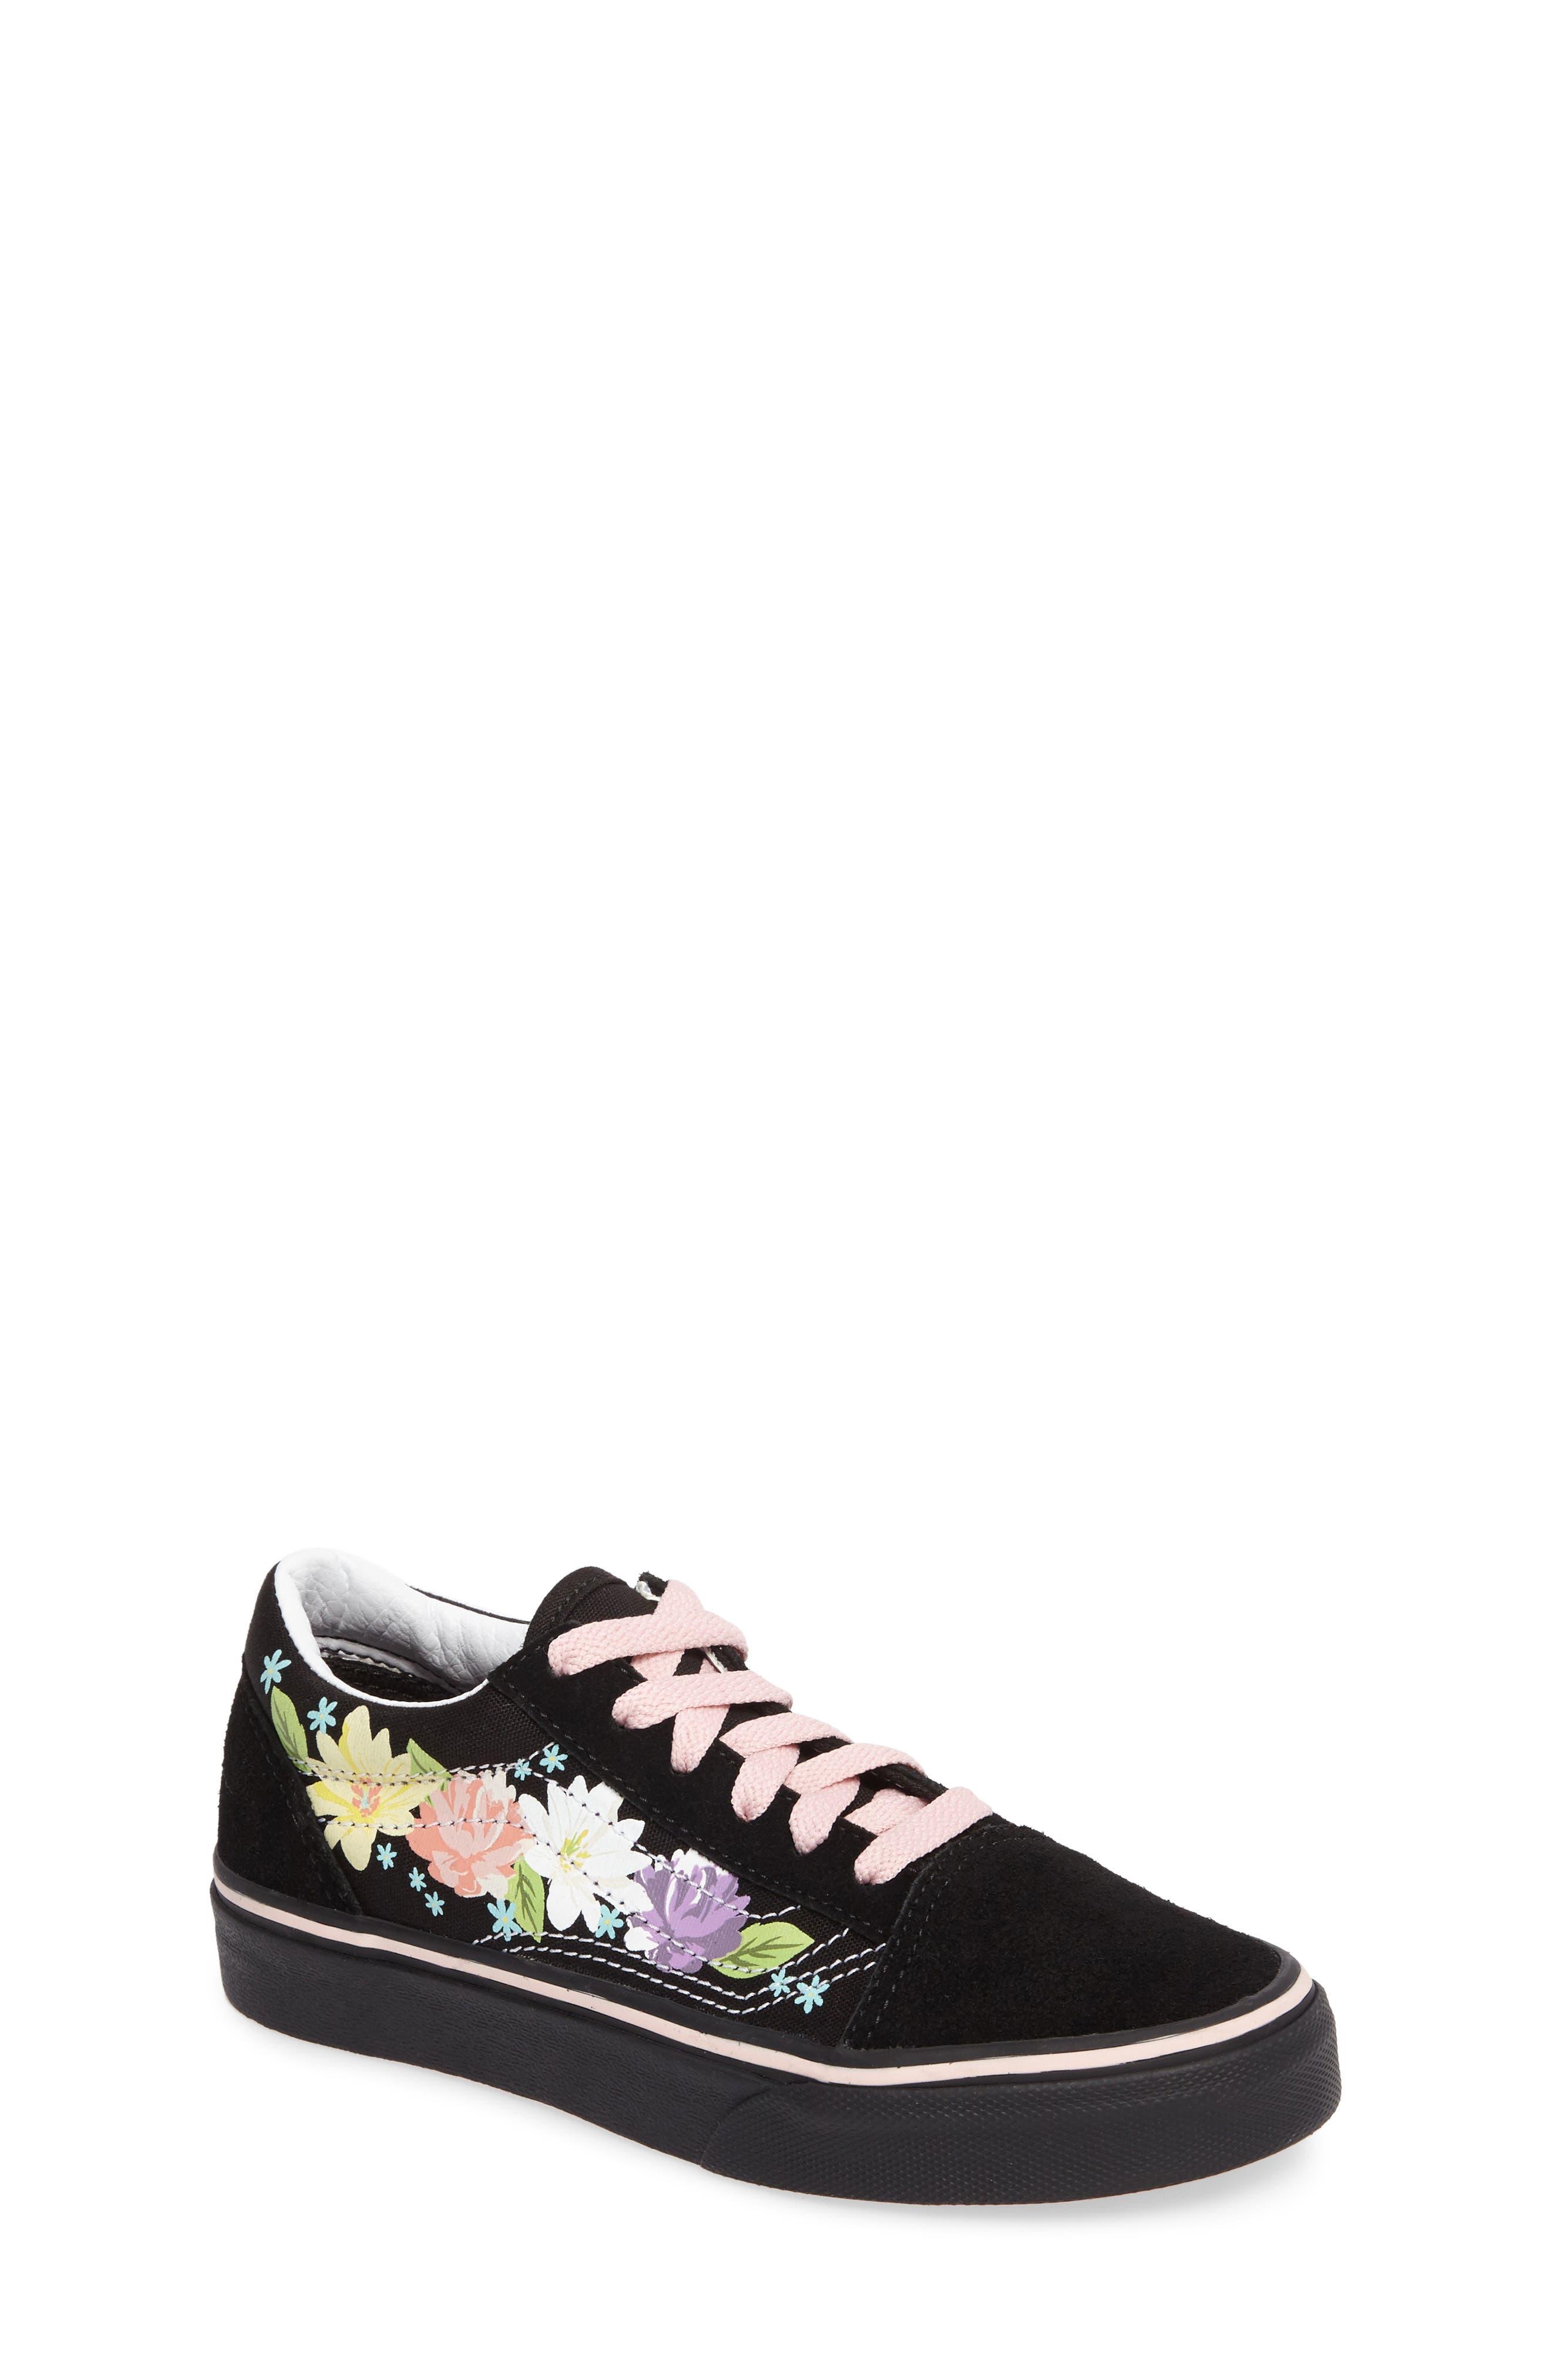 Old Skool Sneaker,                             Main thumbnail 1, color,                             001